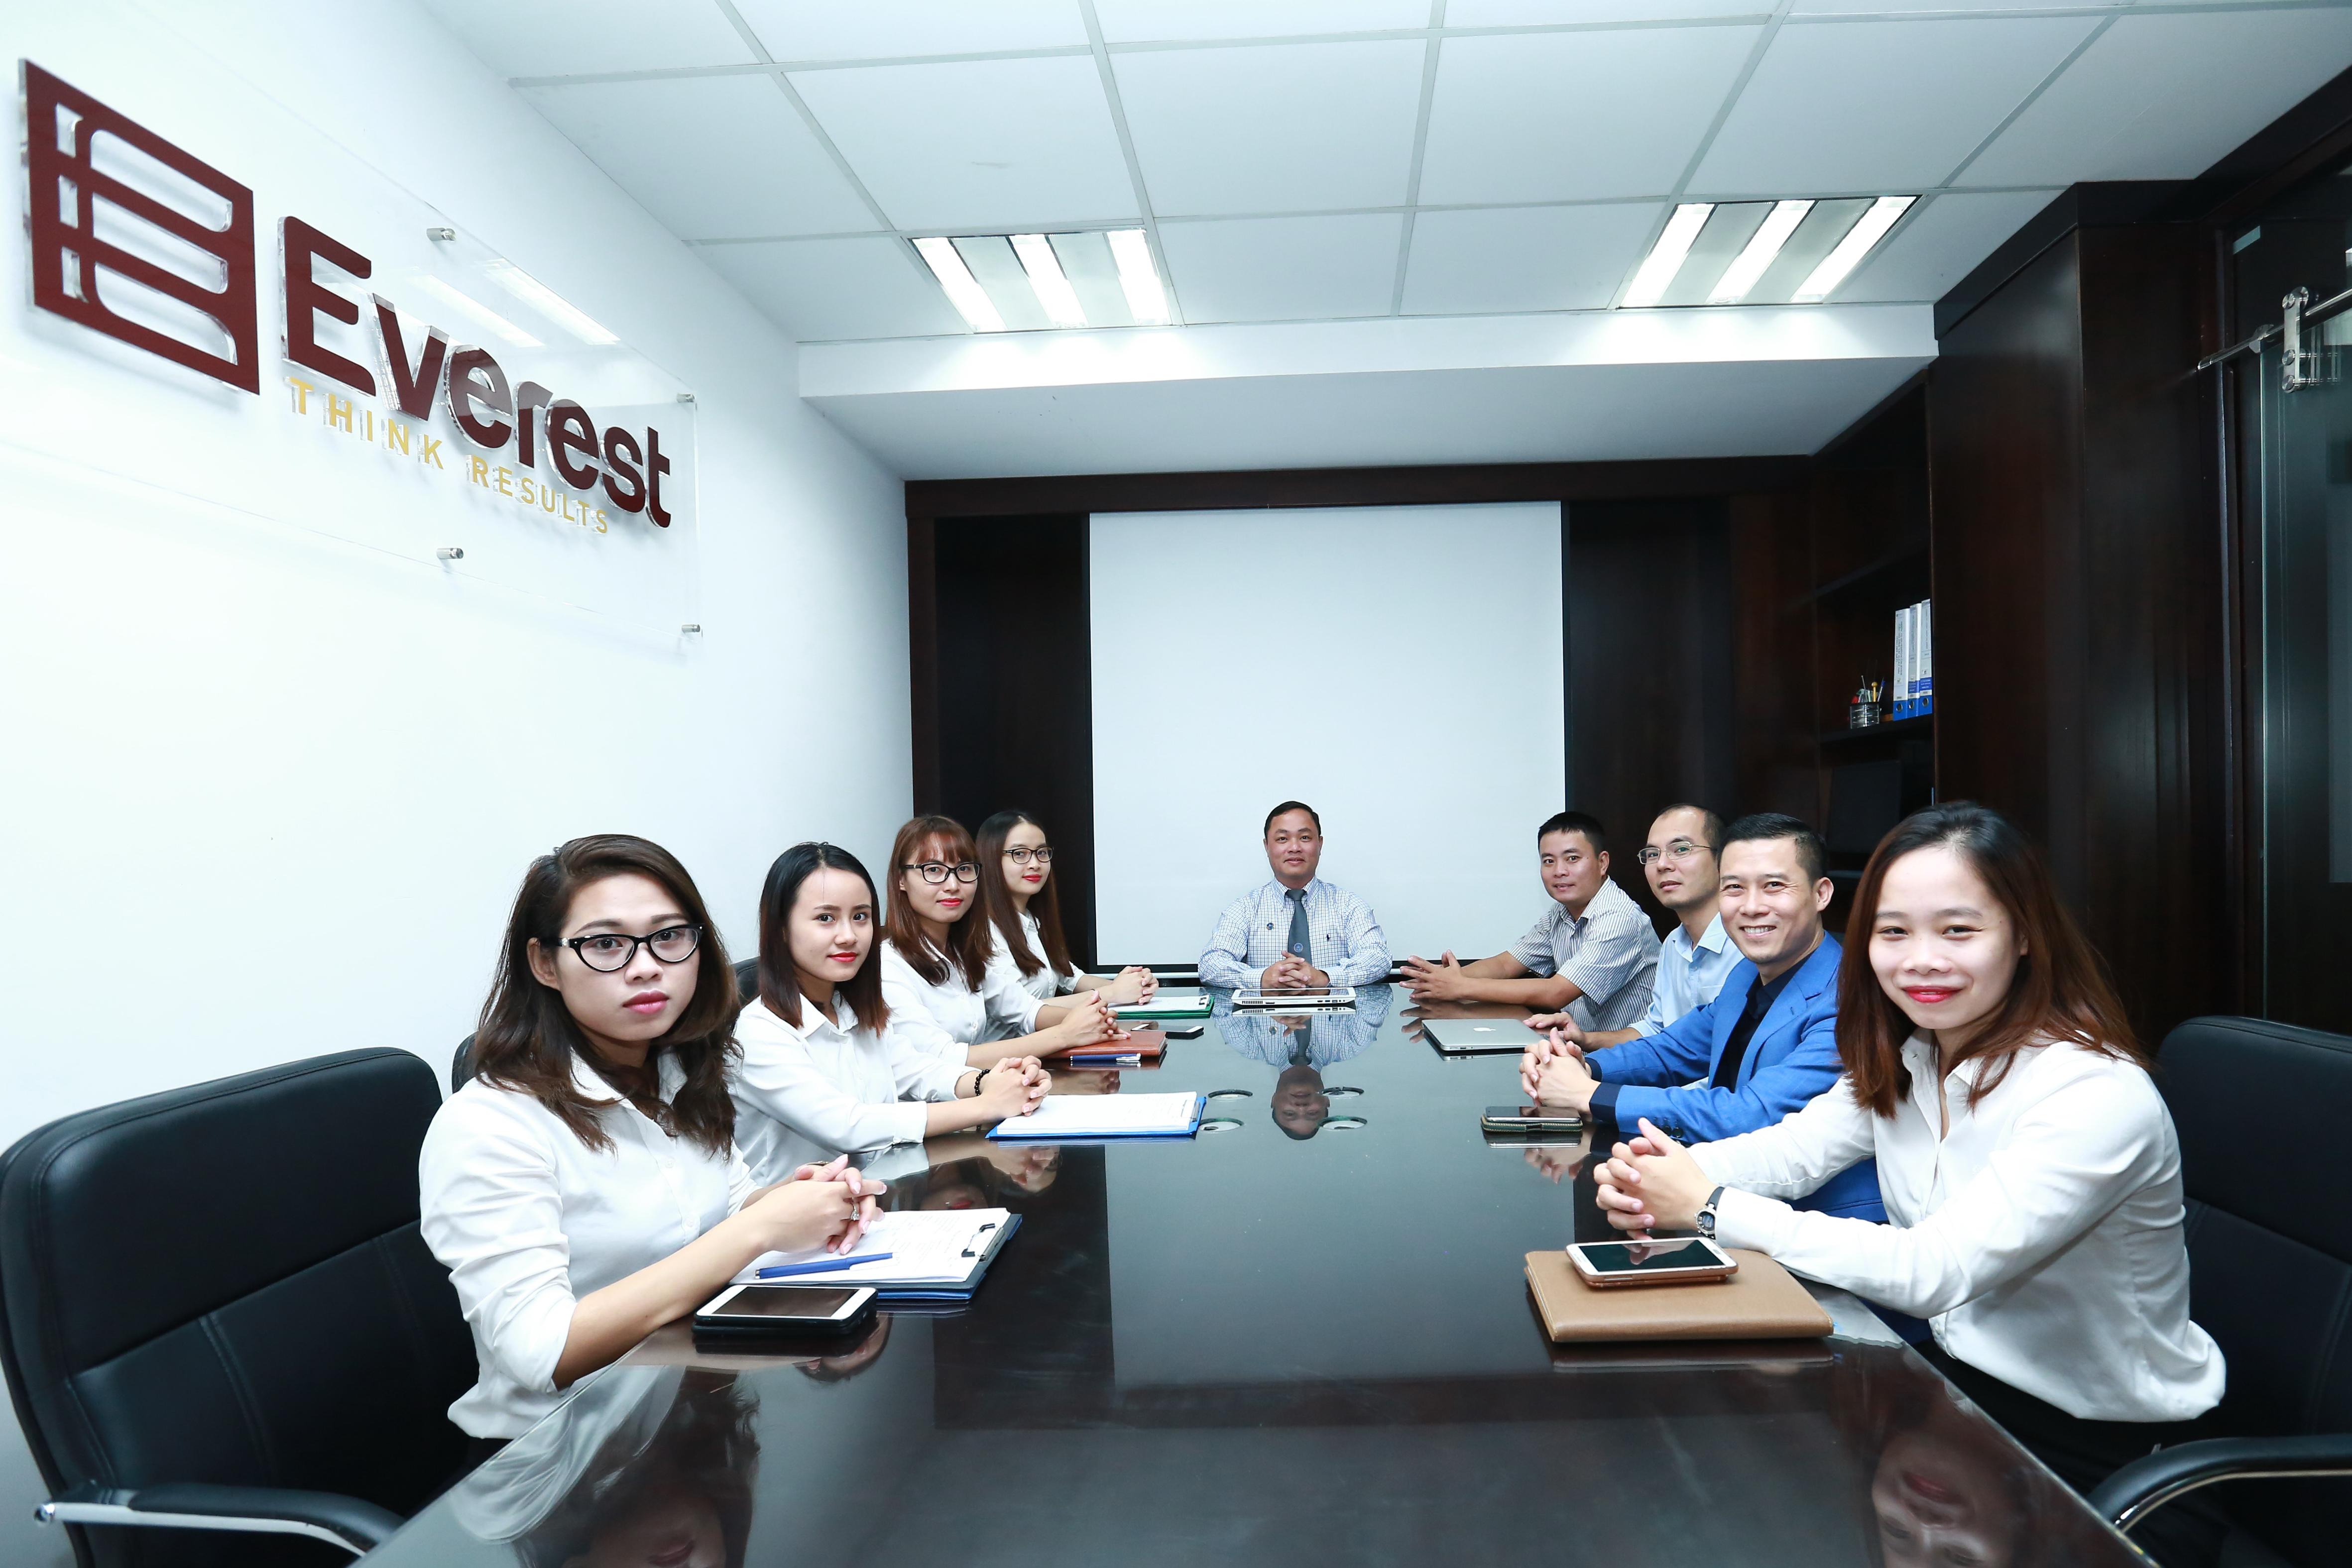 Công ty Luật TNHH Everest - Luật sư tư vnấ doanh nghiệp - Tổng đài (24/7): 1900 6198